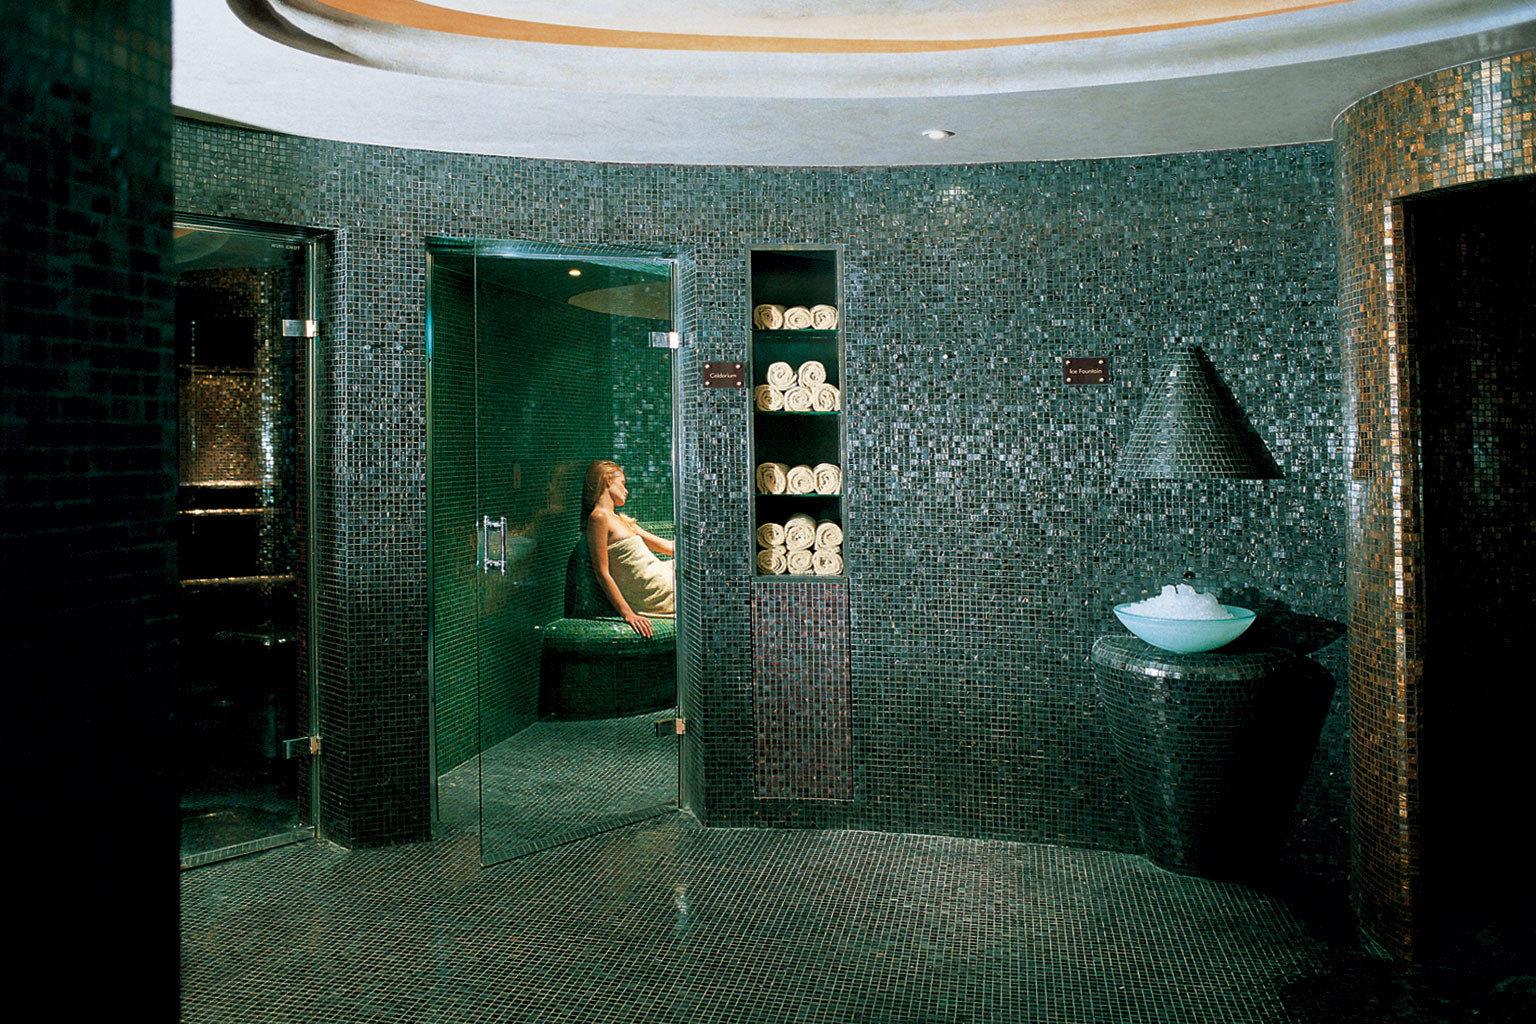 Luxury Modern Resort Romantic Spa green light house darkness lighting tiled